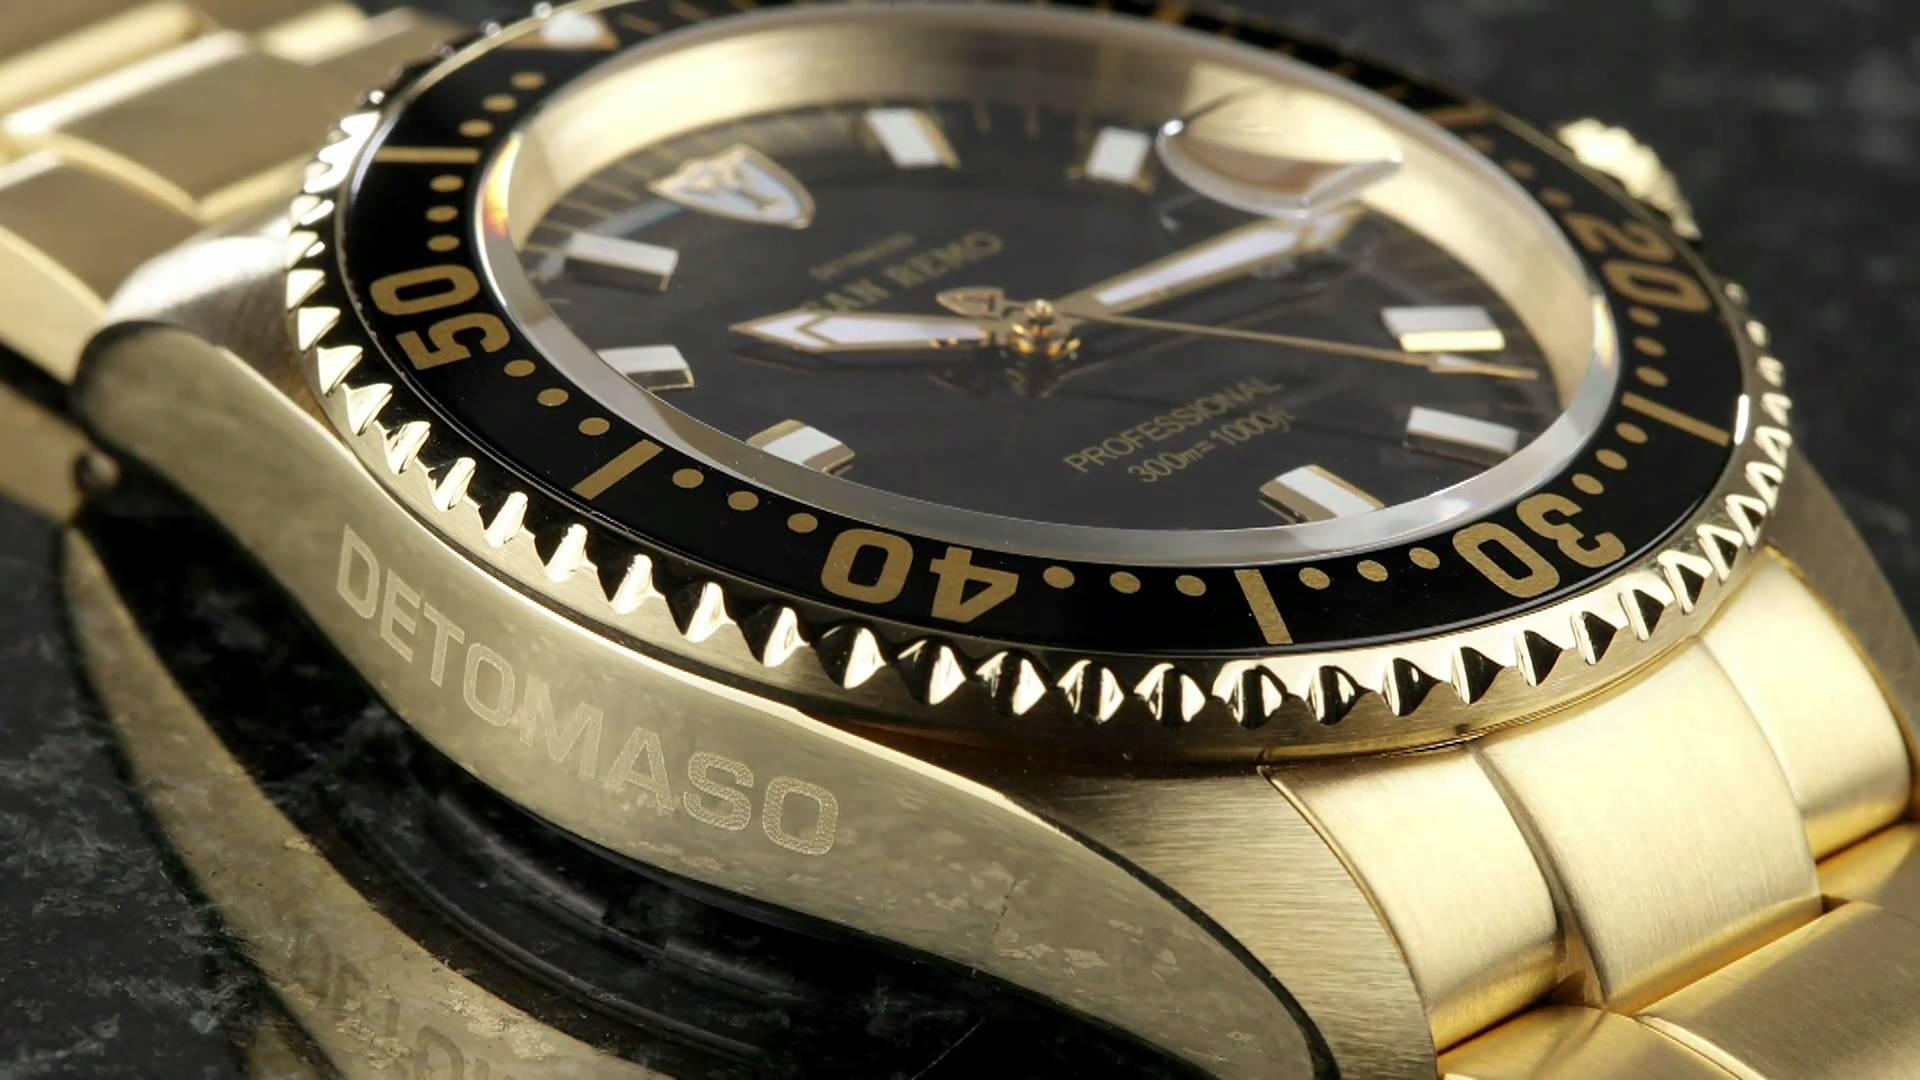 Splendor Uhren kaufberatung suche eine golduhr nur zum reizen und polarisieren